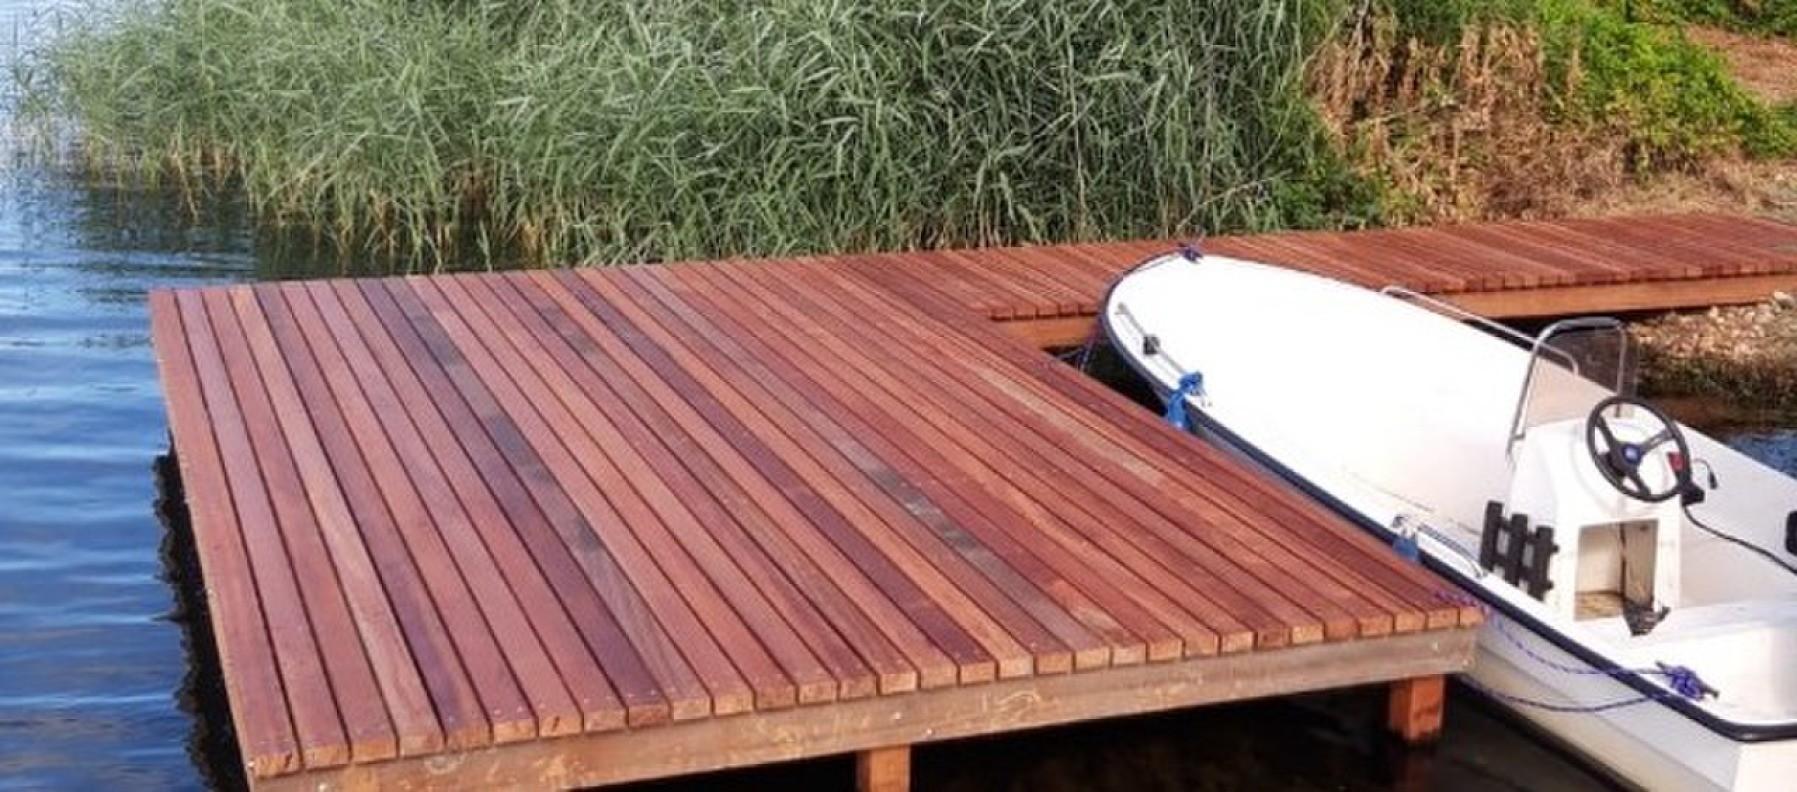 Blog Het verschil tussen hardhout en zachthout